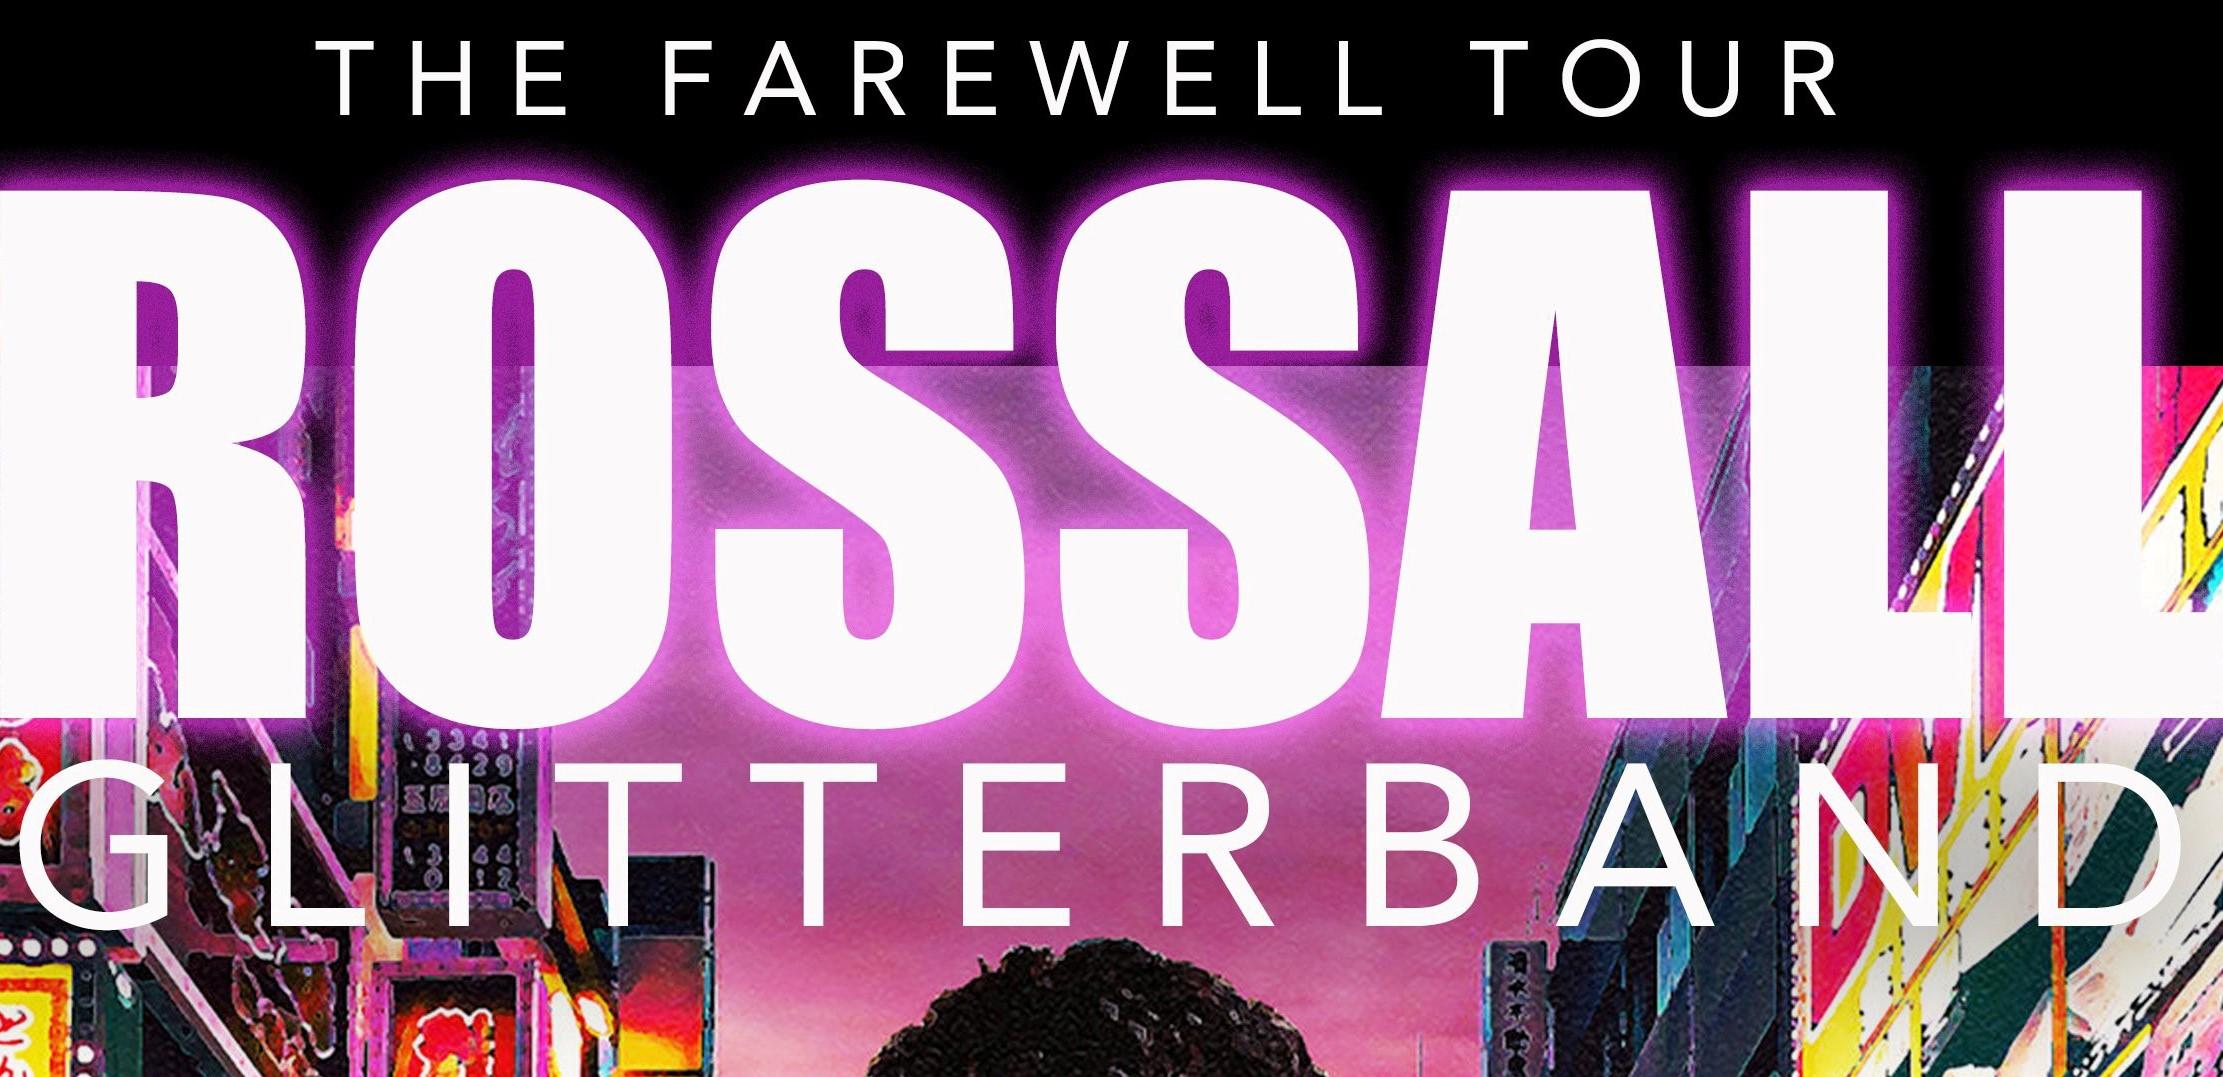 John Rossall's Glitter band - The Farewell tour